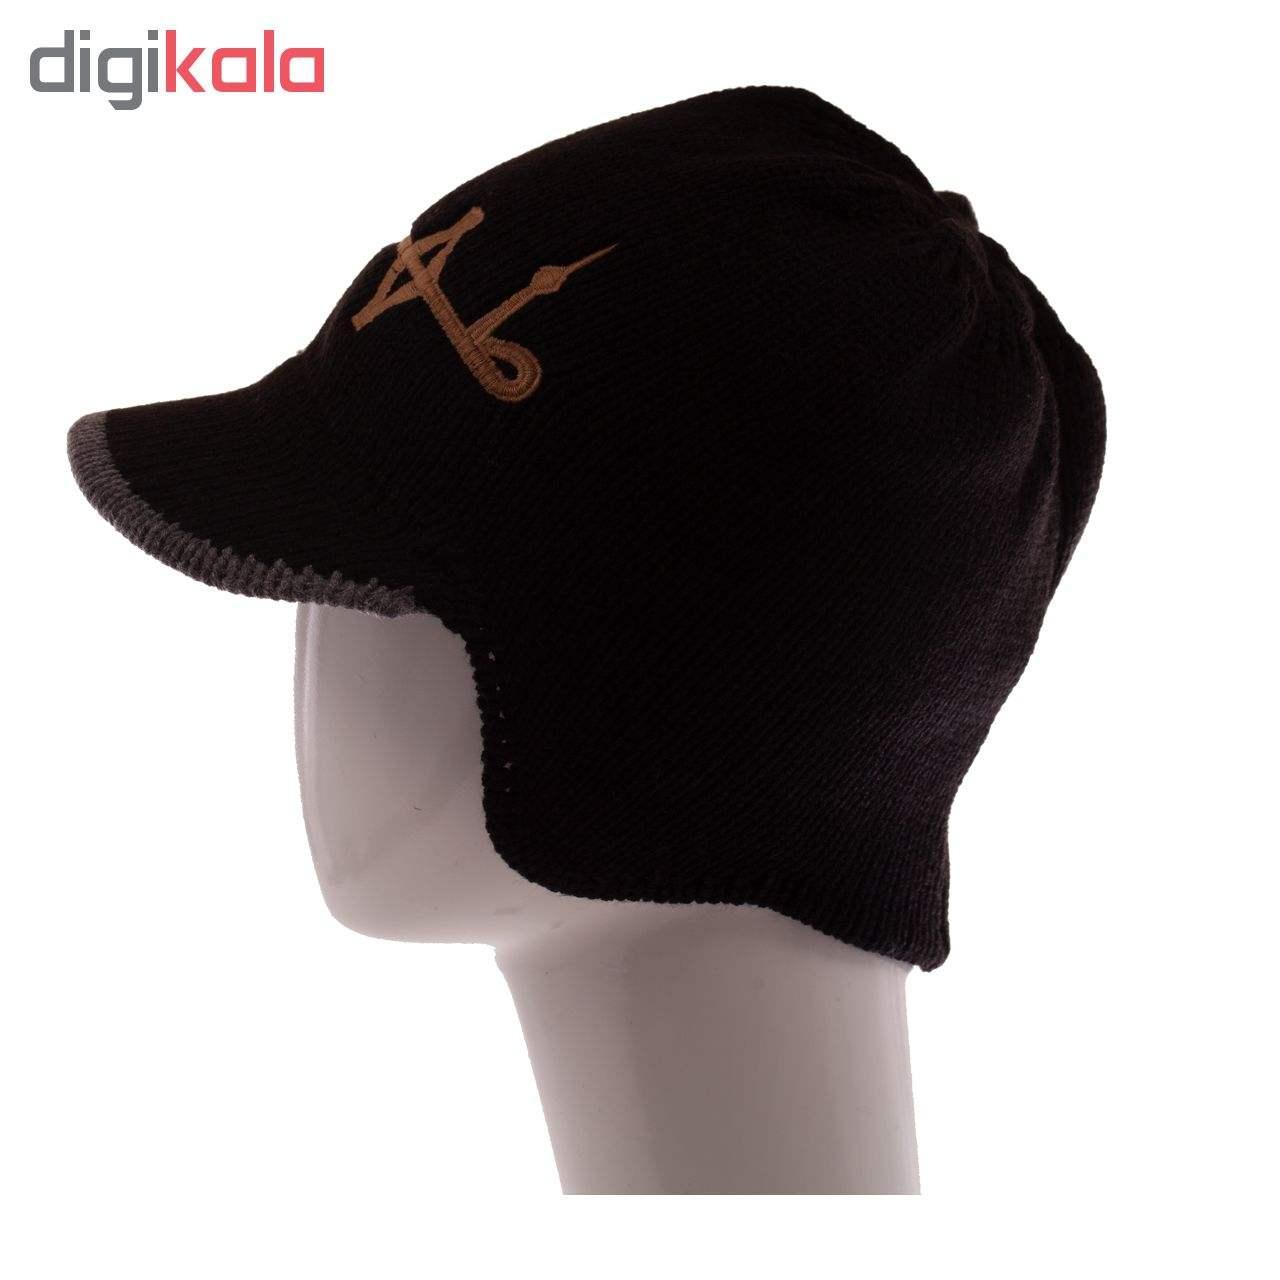 کلاه تارتن مدل 0483 main 1 3